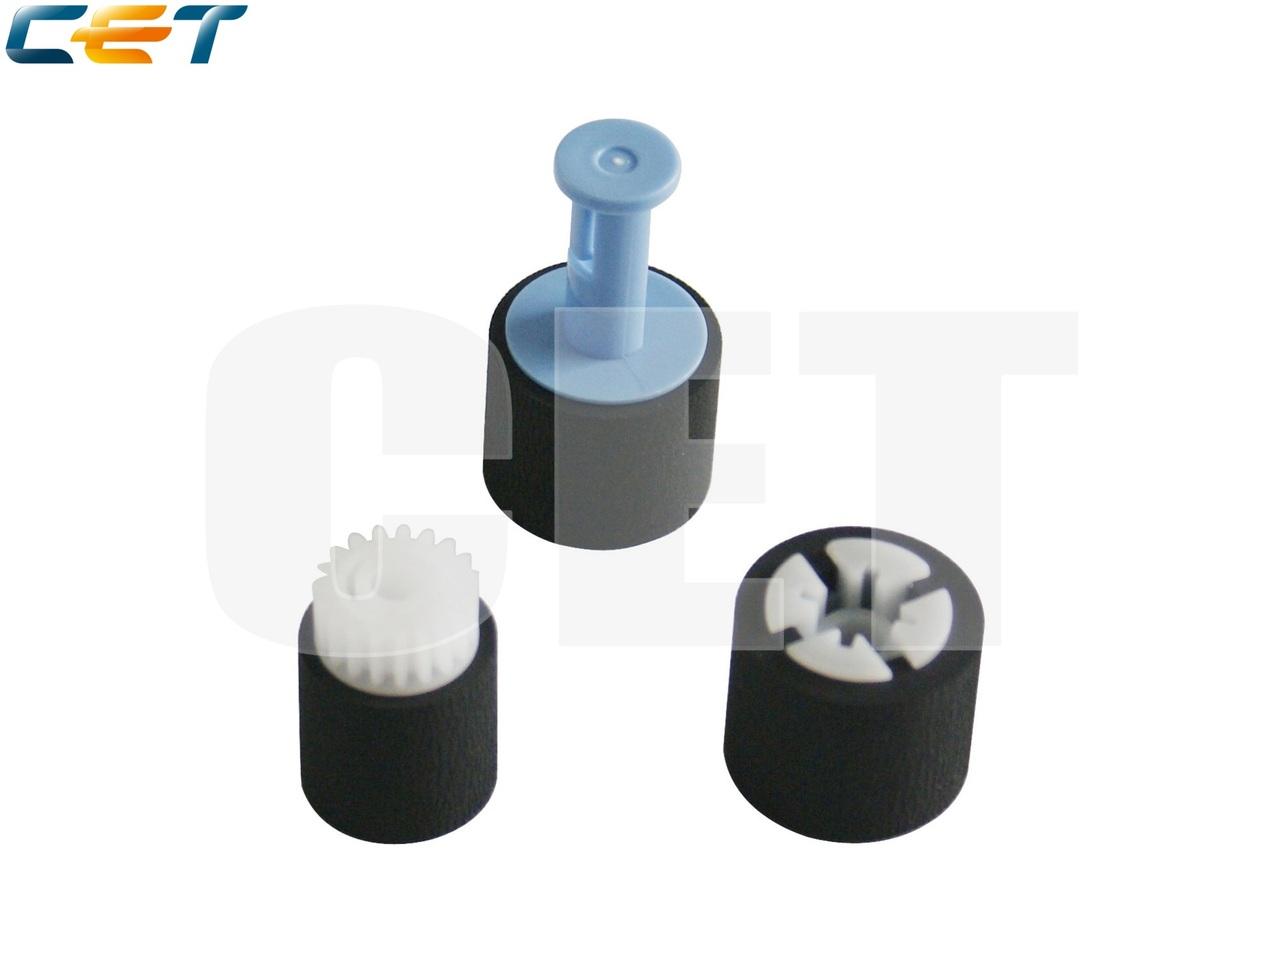 Комплект роликов 1-го лотка (3 ролика) CB506-67905 дляLaserJet P4014/P4015/P4515,M601/M602/M603/M604/M605/M606 (CET), CET5804, CET5804R